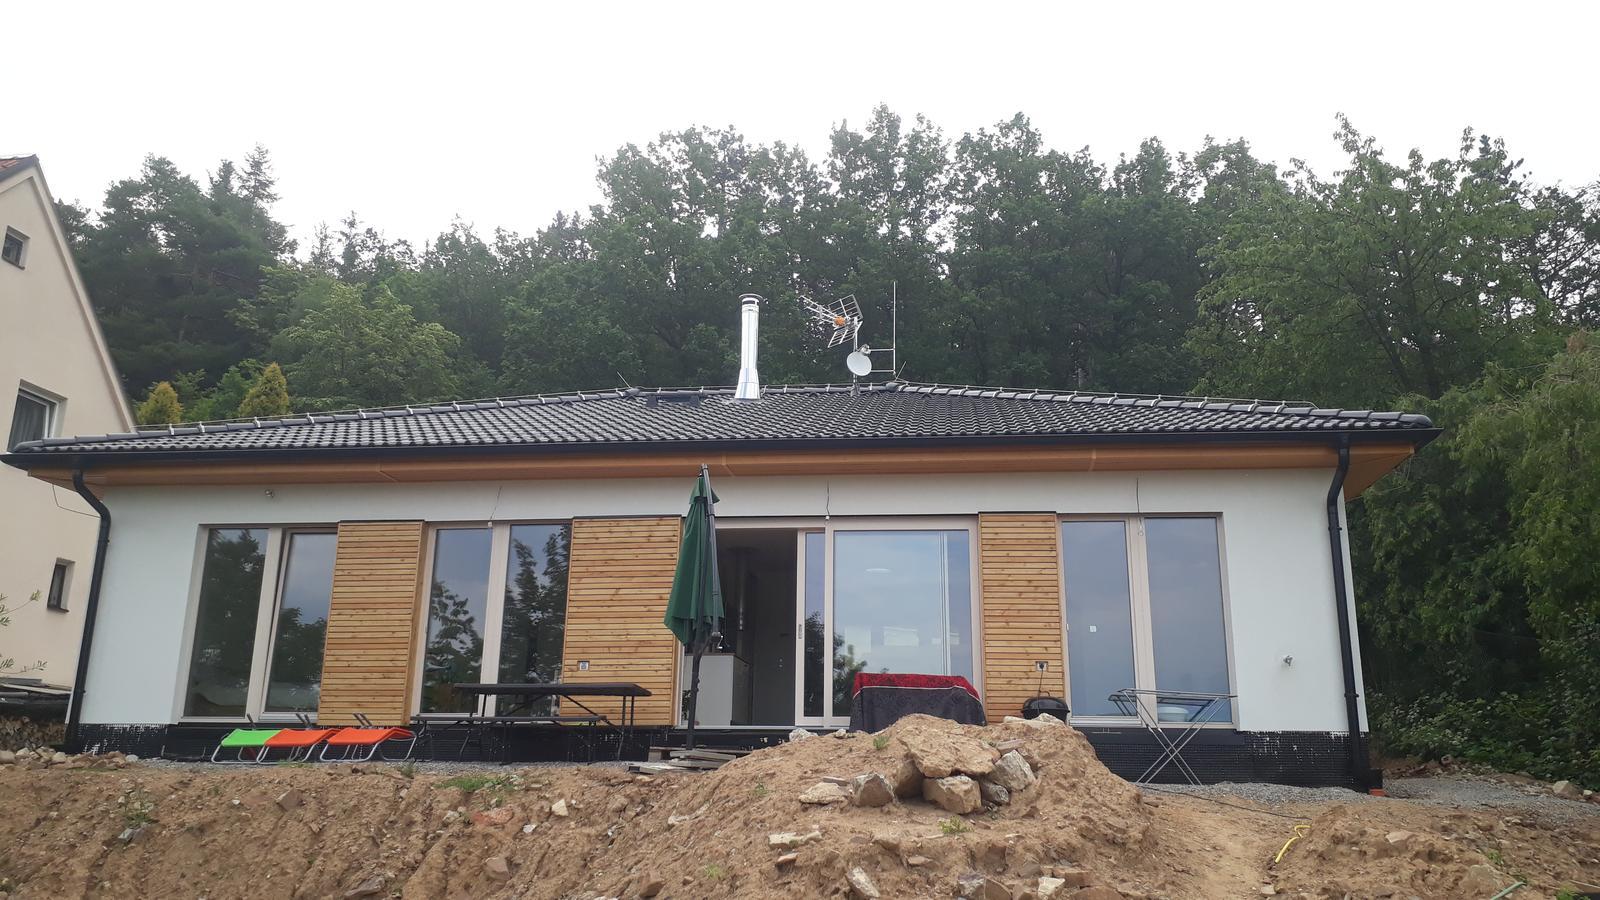 Stavba našeho bungalovu ve svahu - Obrázek č. 48